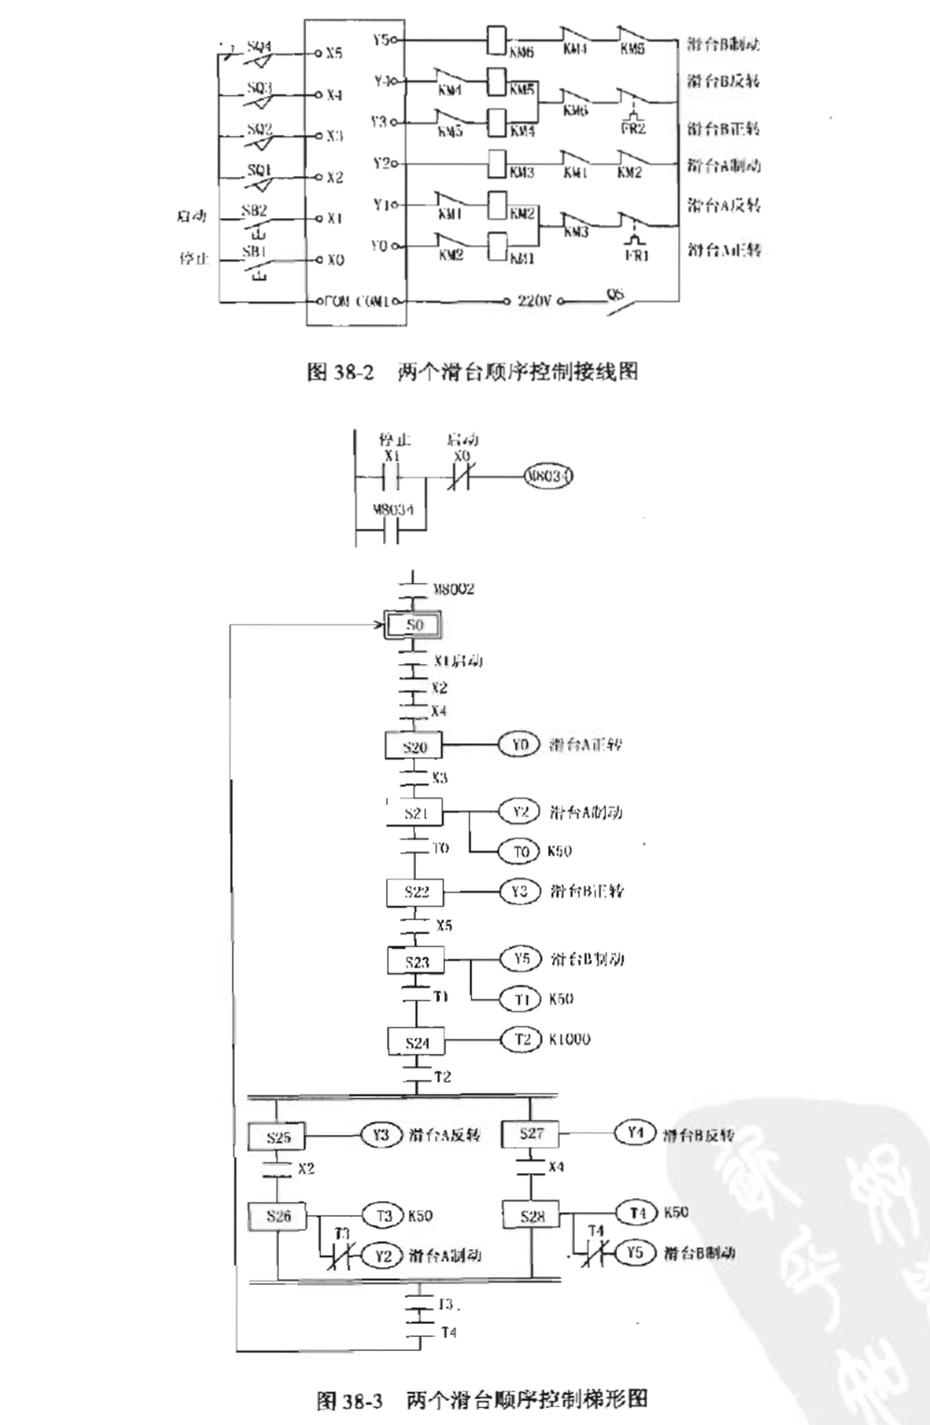 两个滑台顺序控制接线图如图